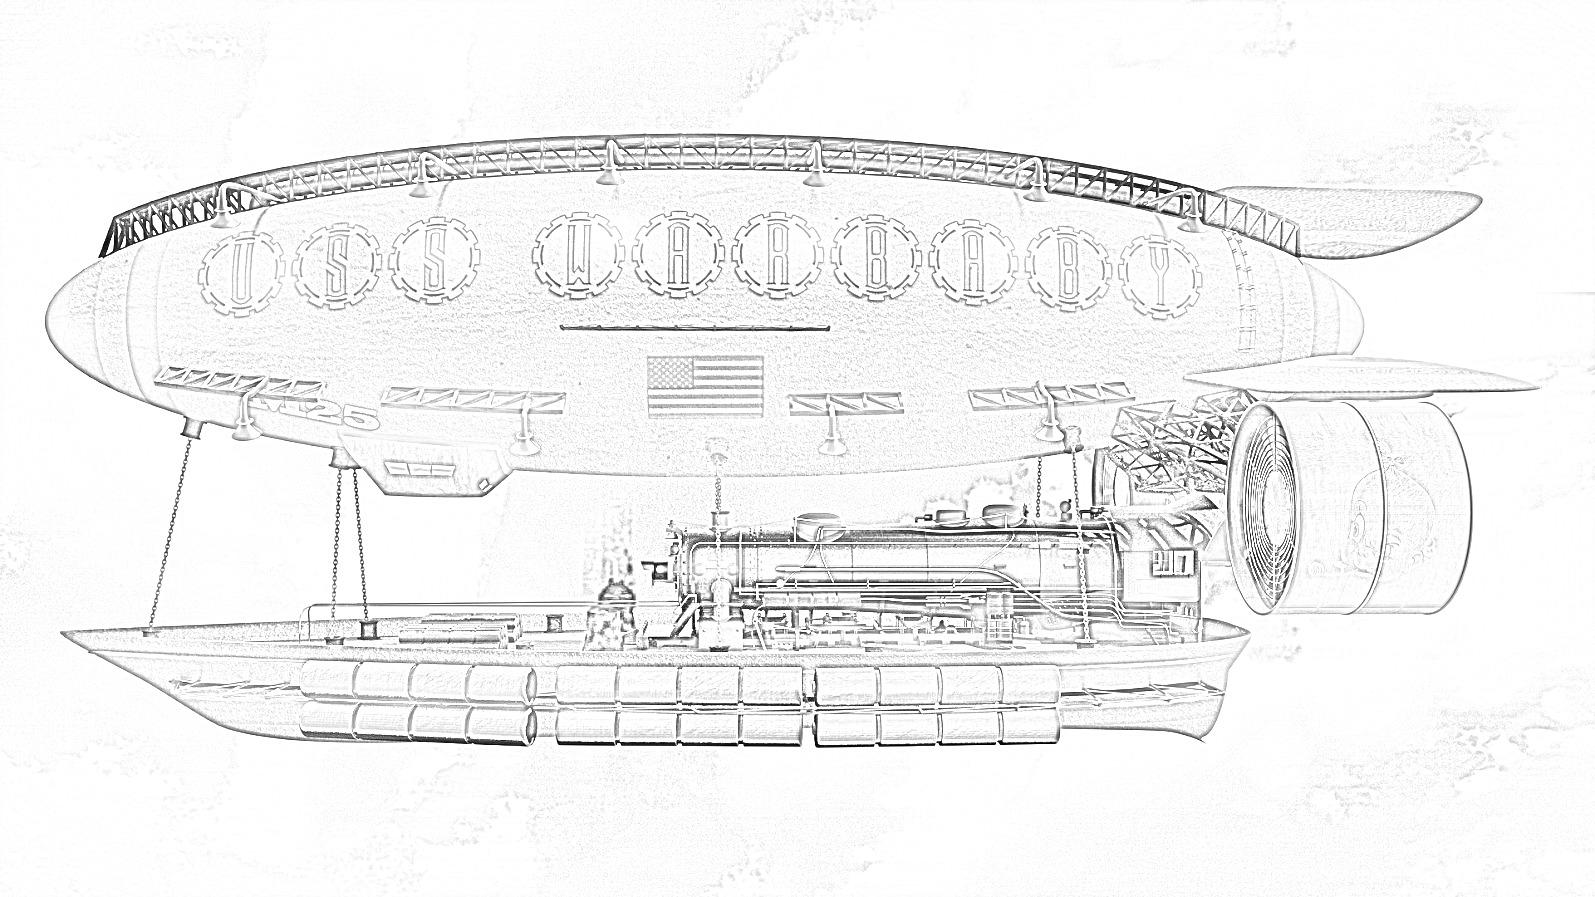 Airship Coloring Page